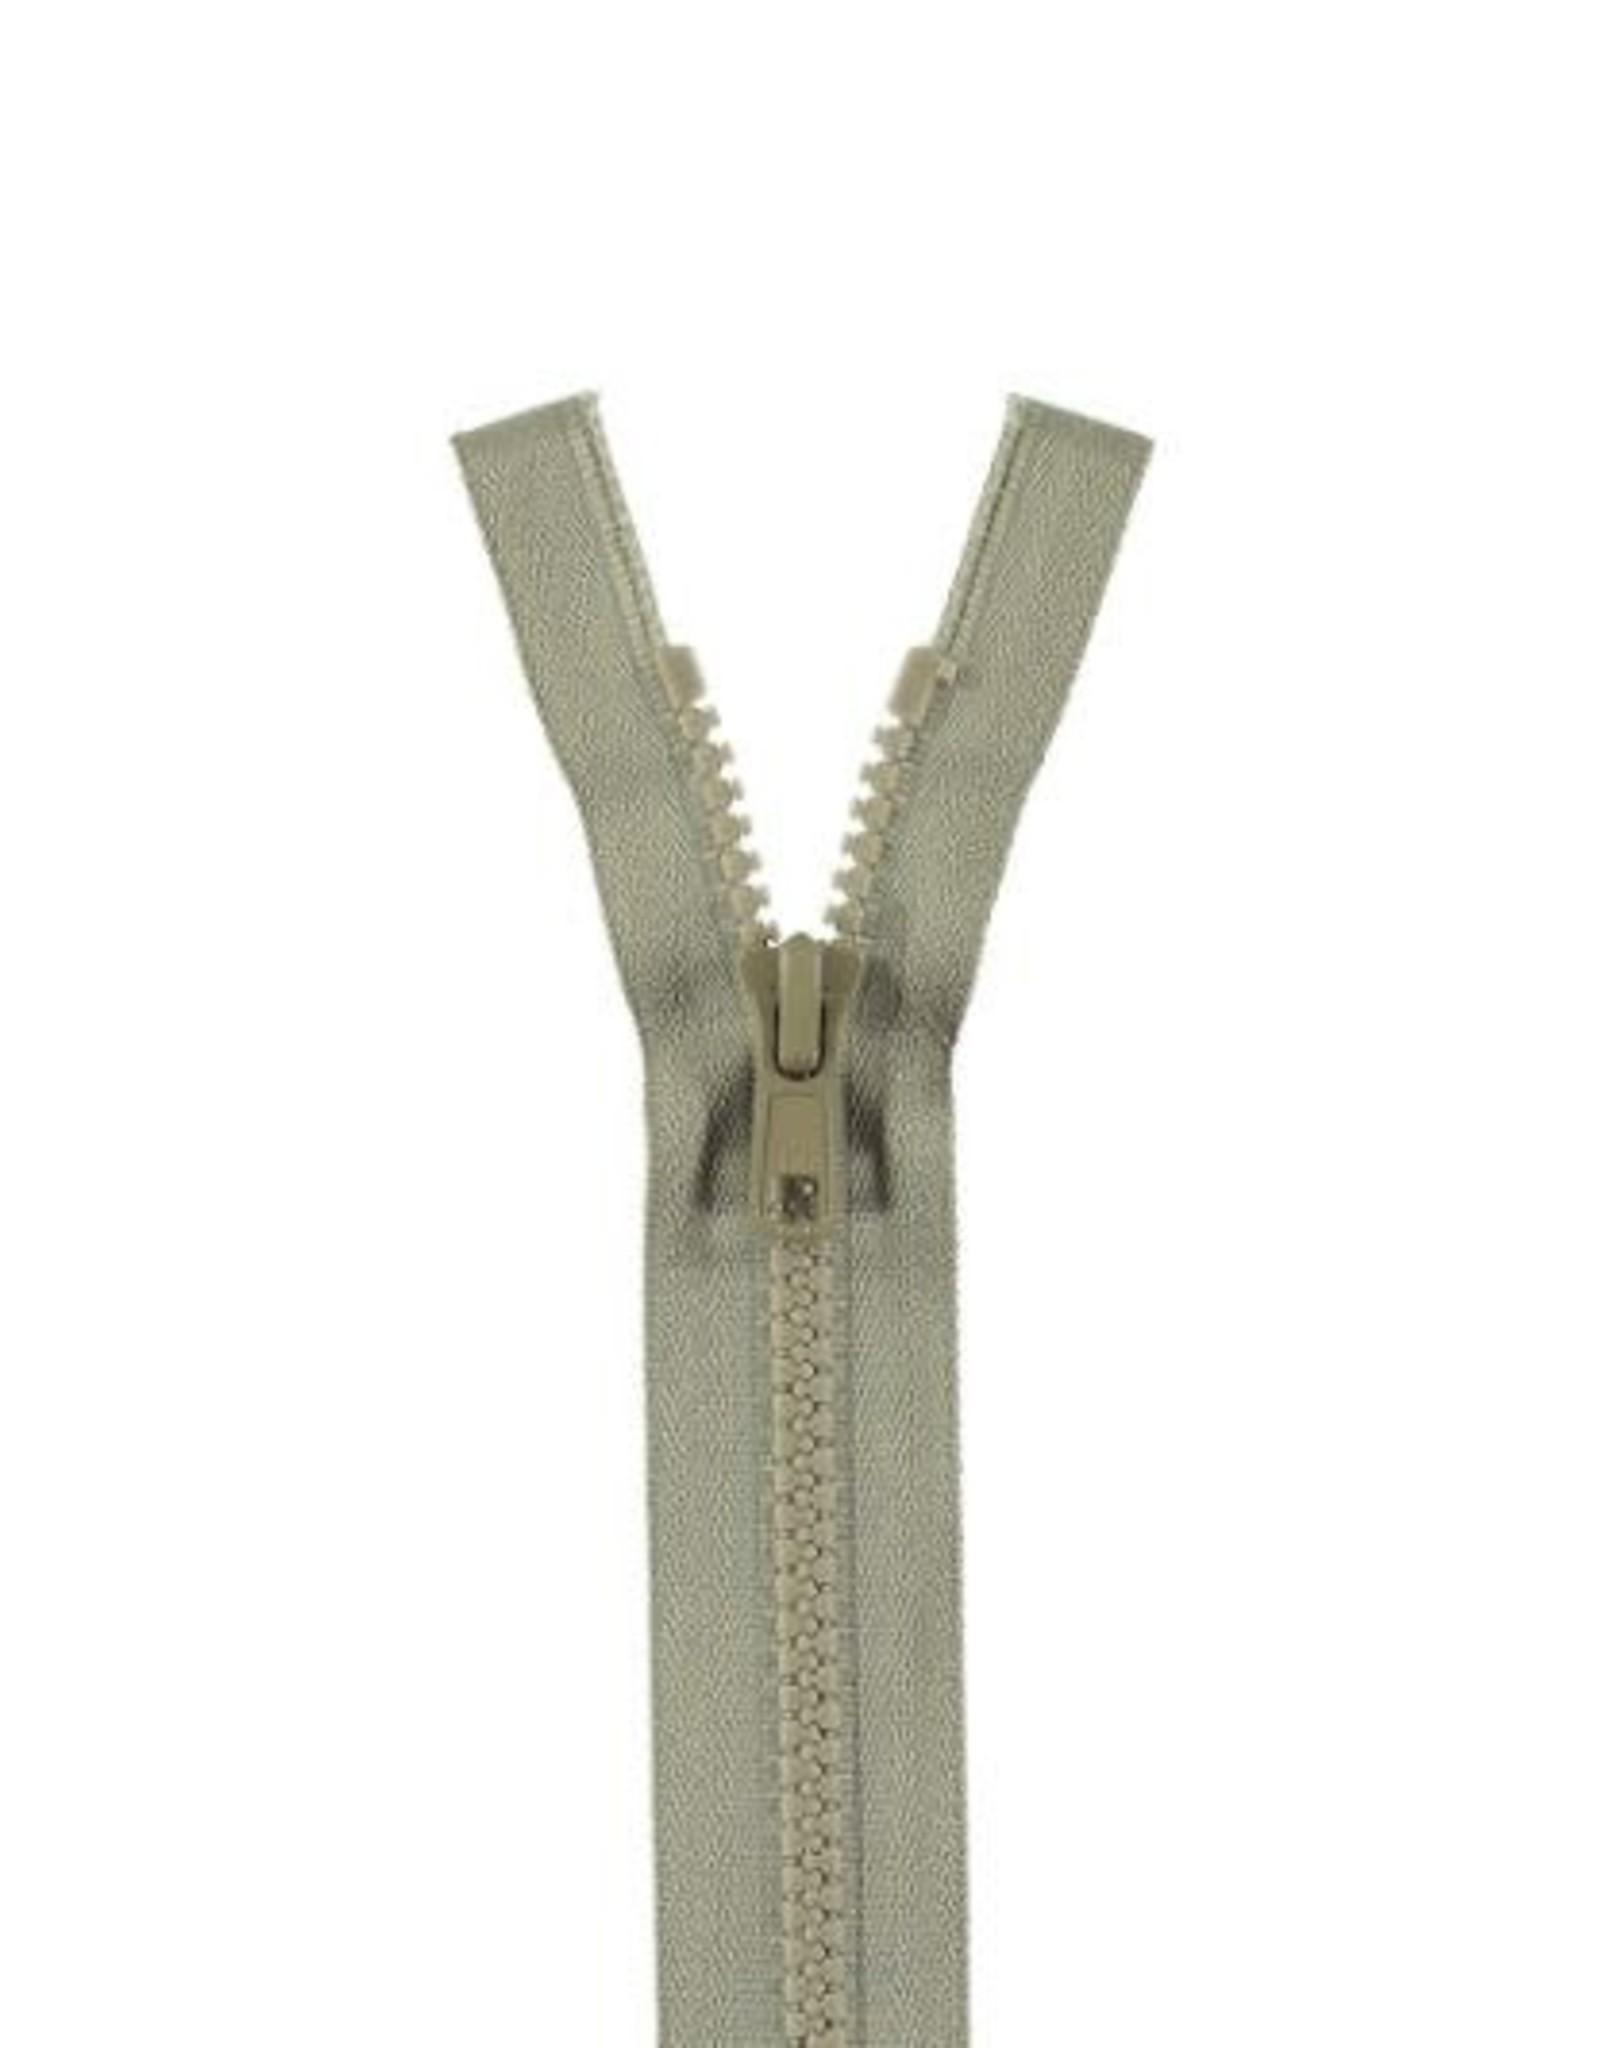 YKK BLOKRITS 5 DEELBAAR licht grijs 576-65cm